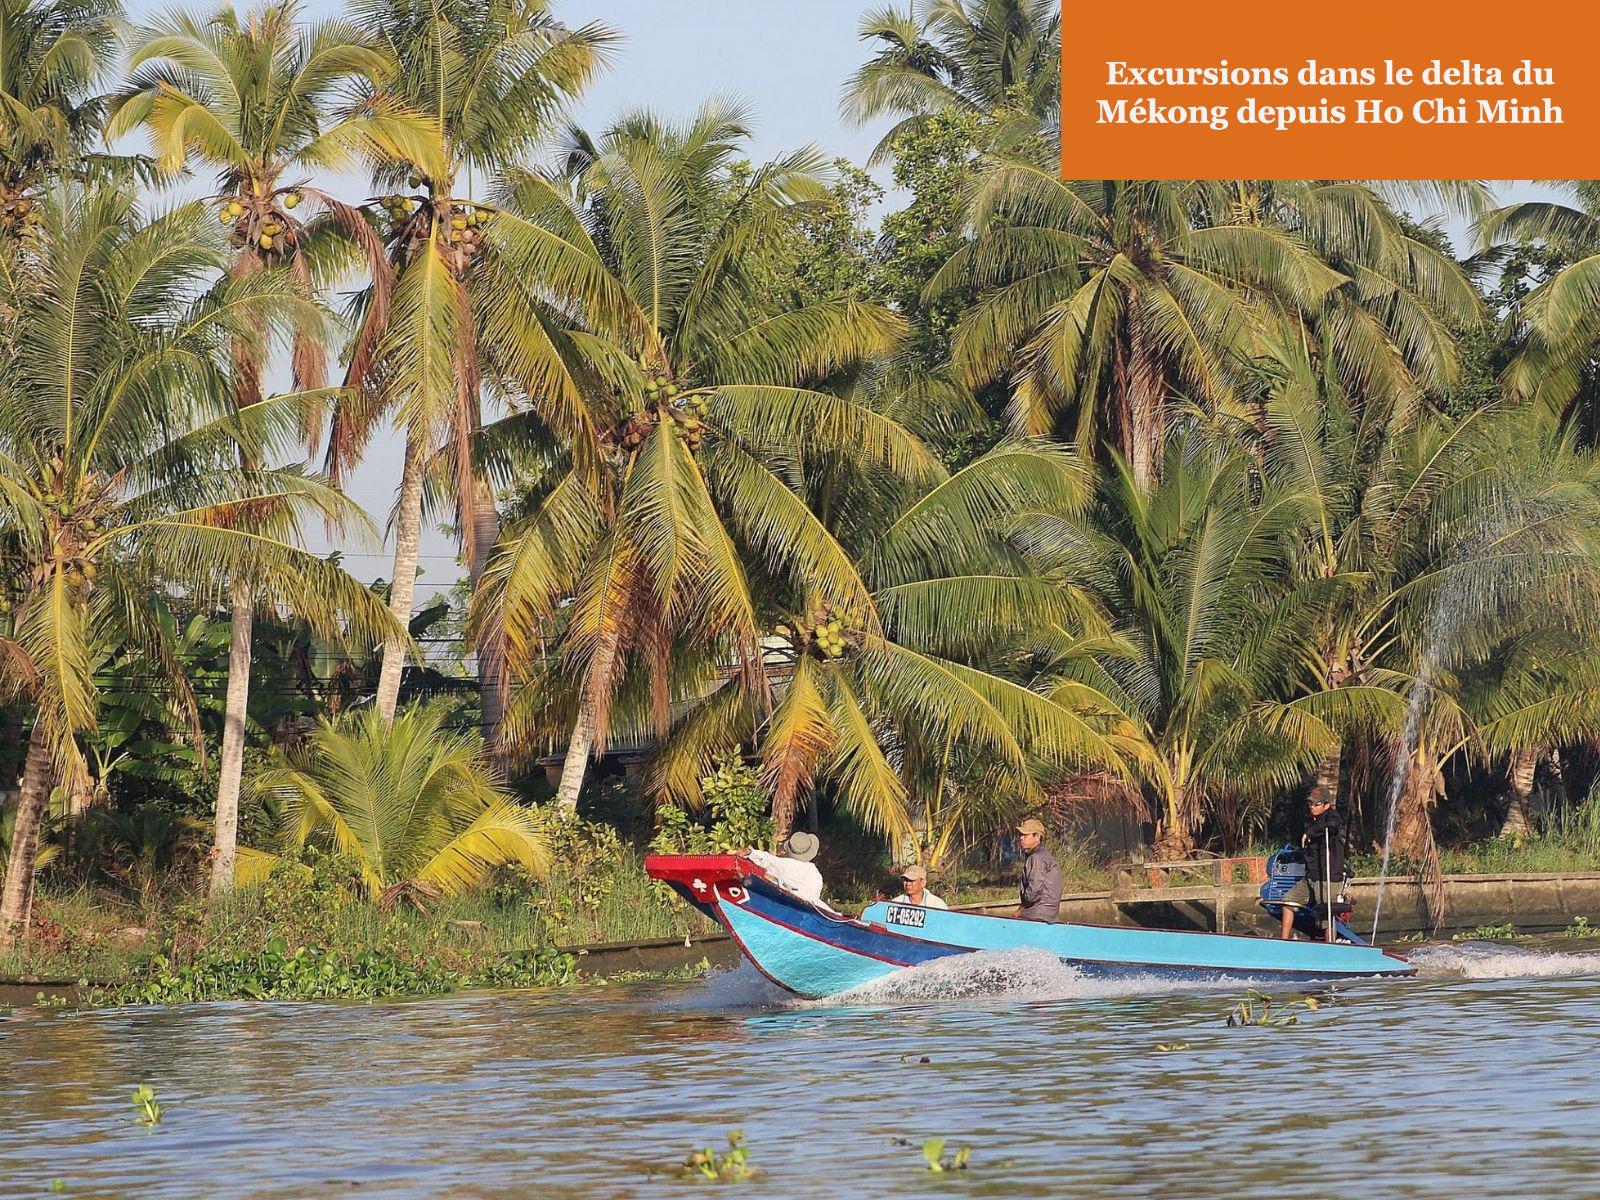 Excursions dans le delta du Mékong depuis Ho Chi Minh